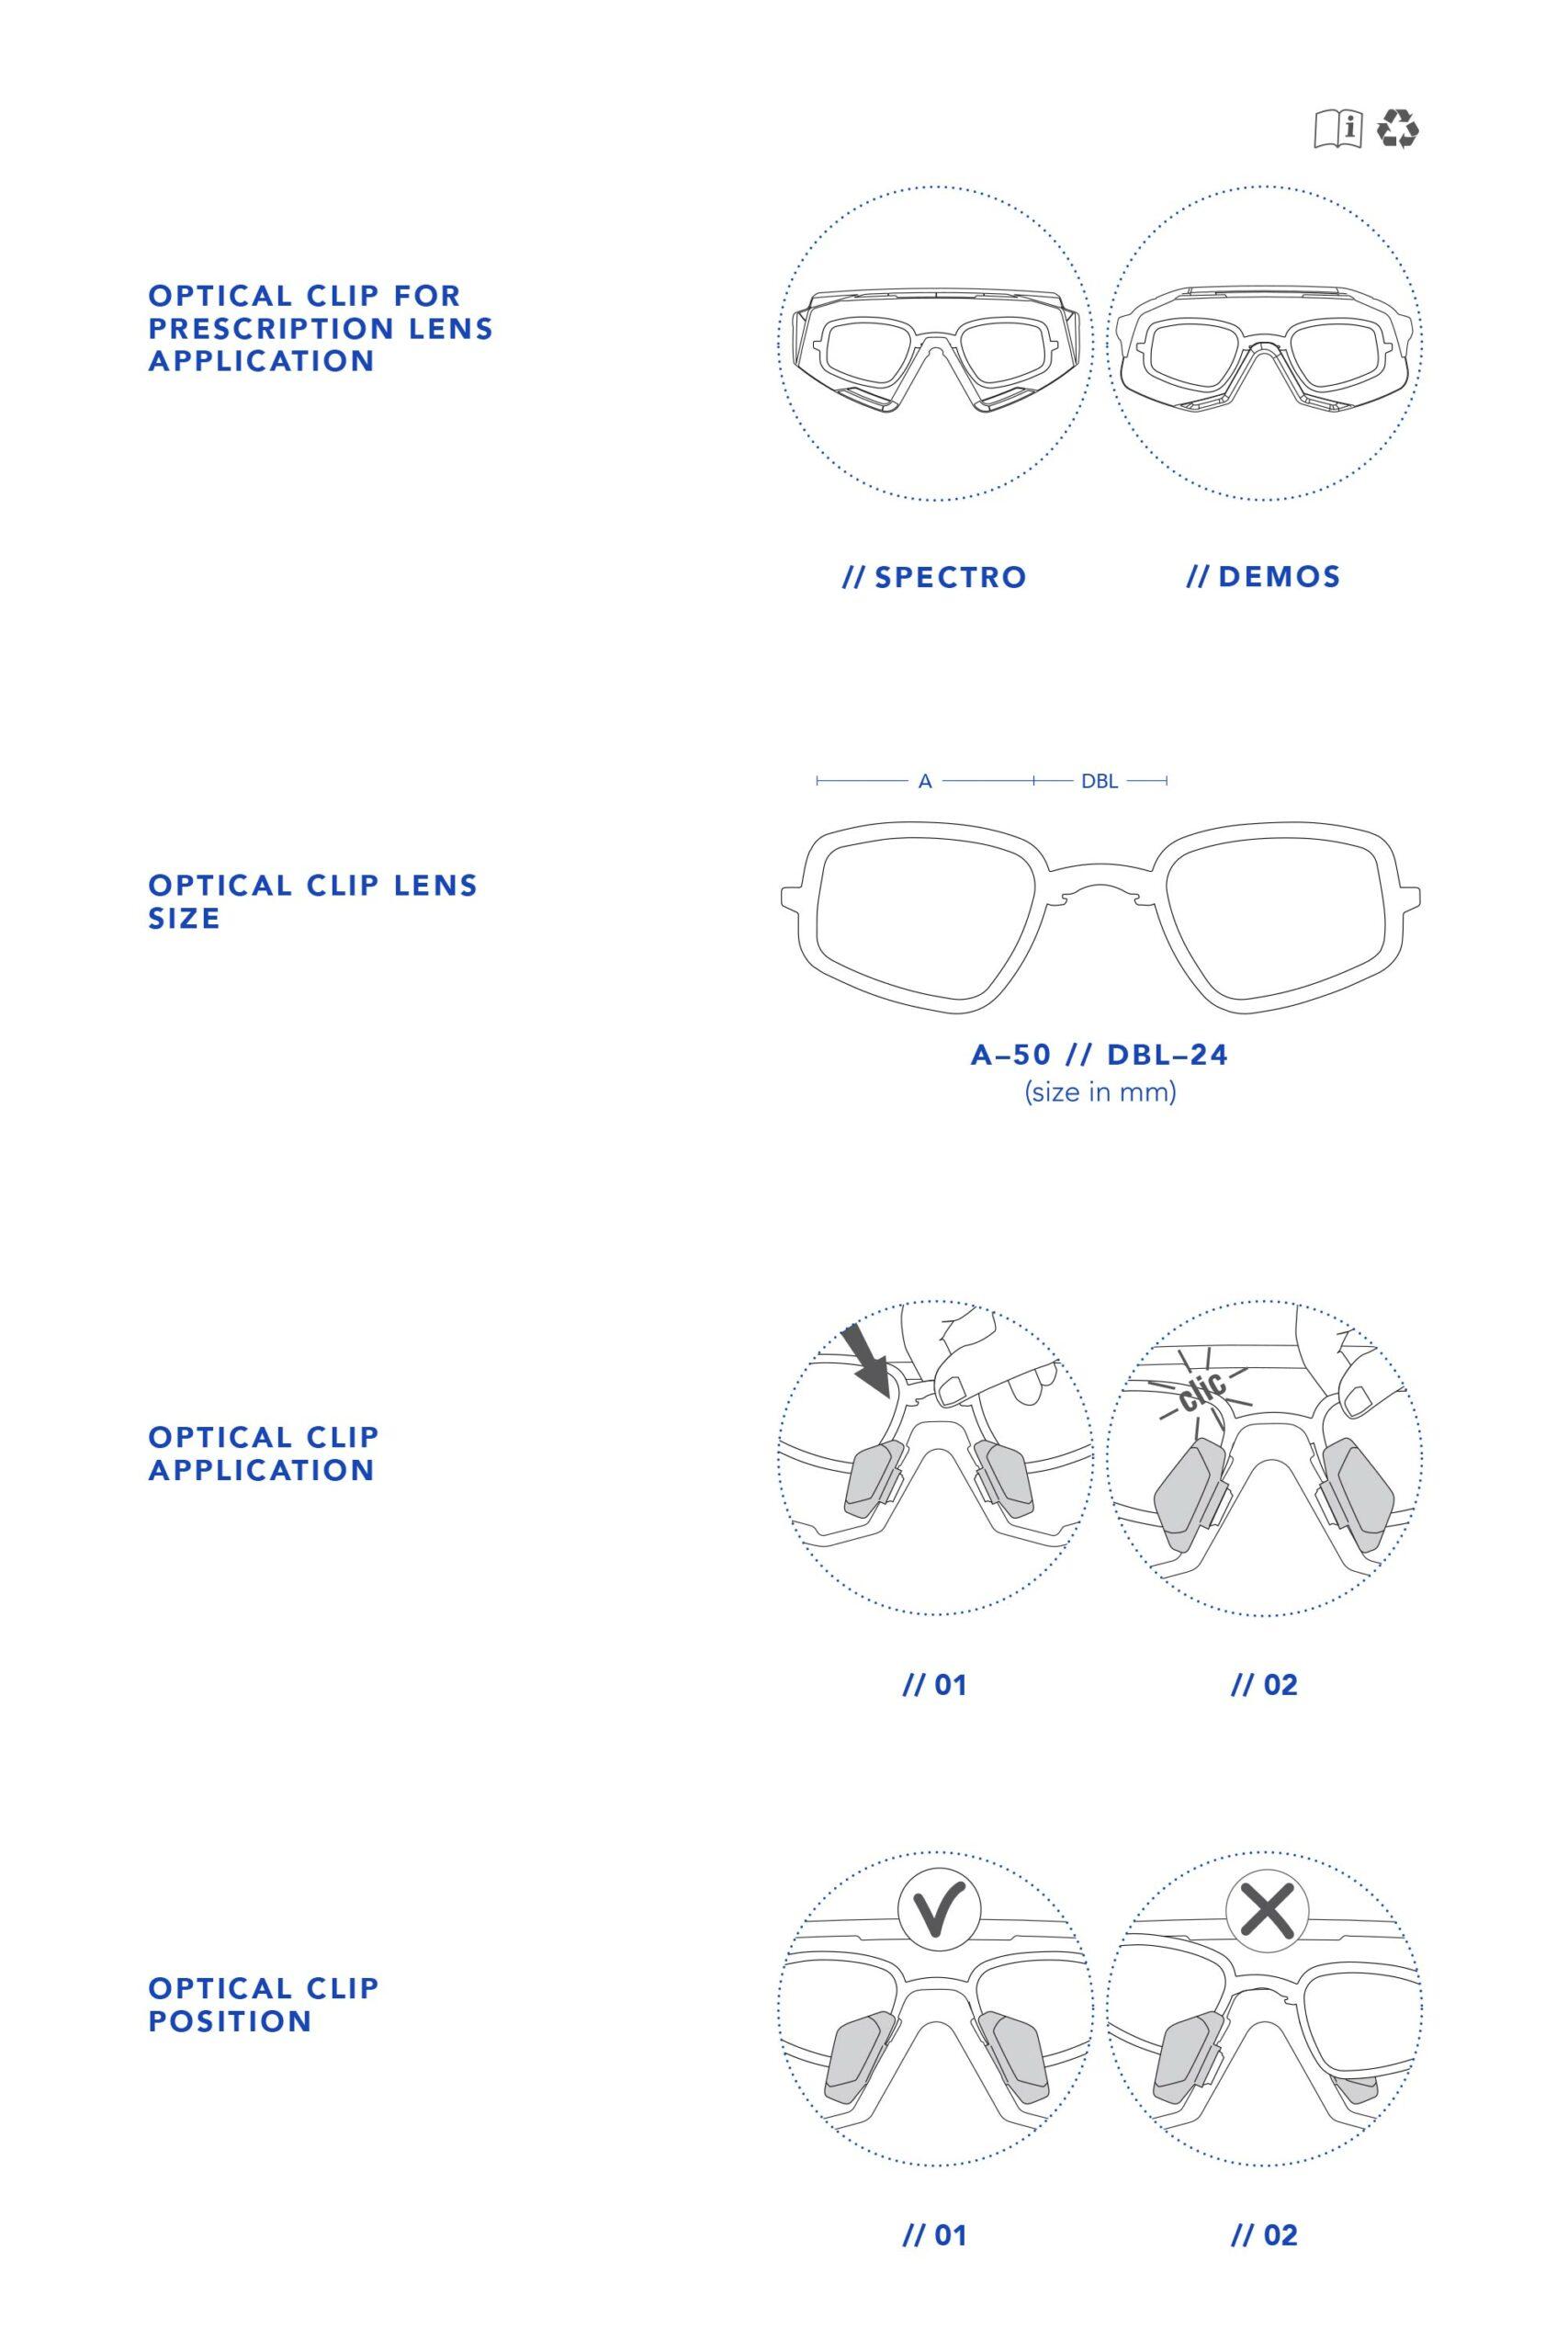 Optical Clip KOO Eyewear